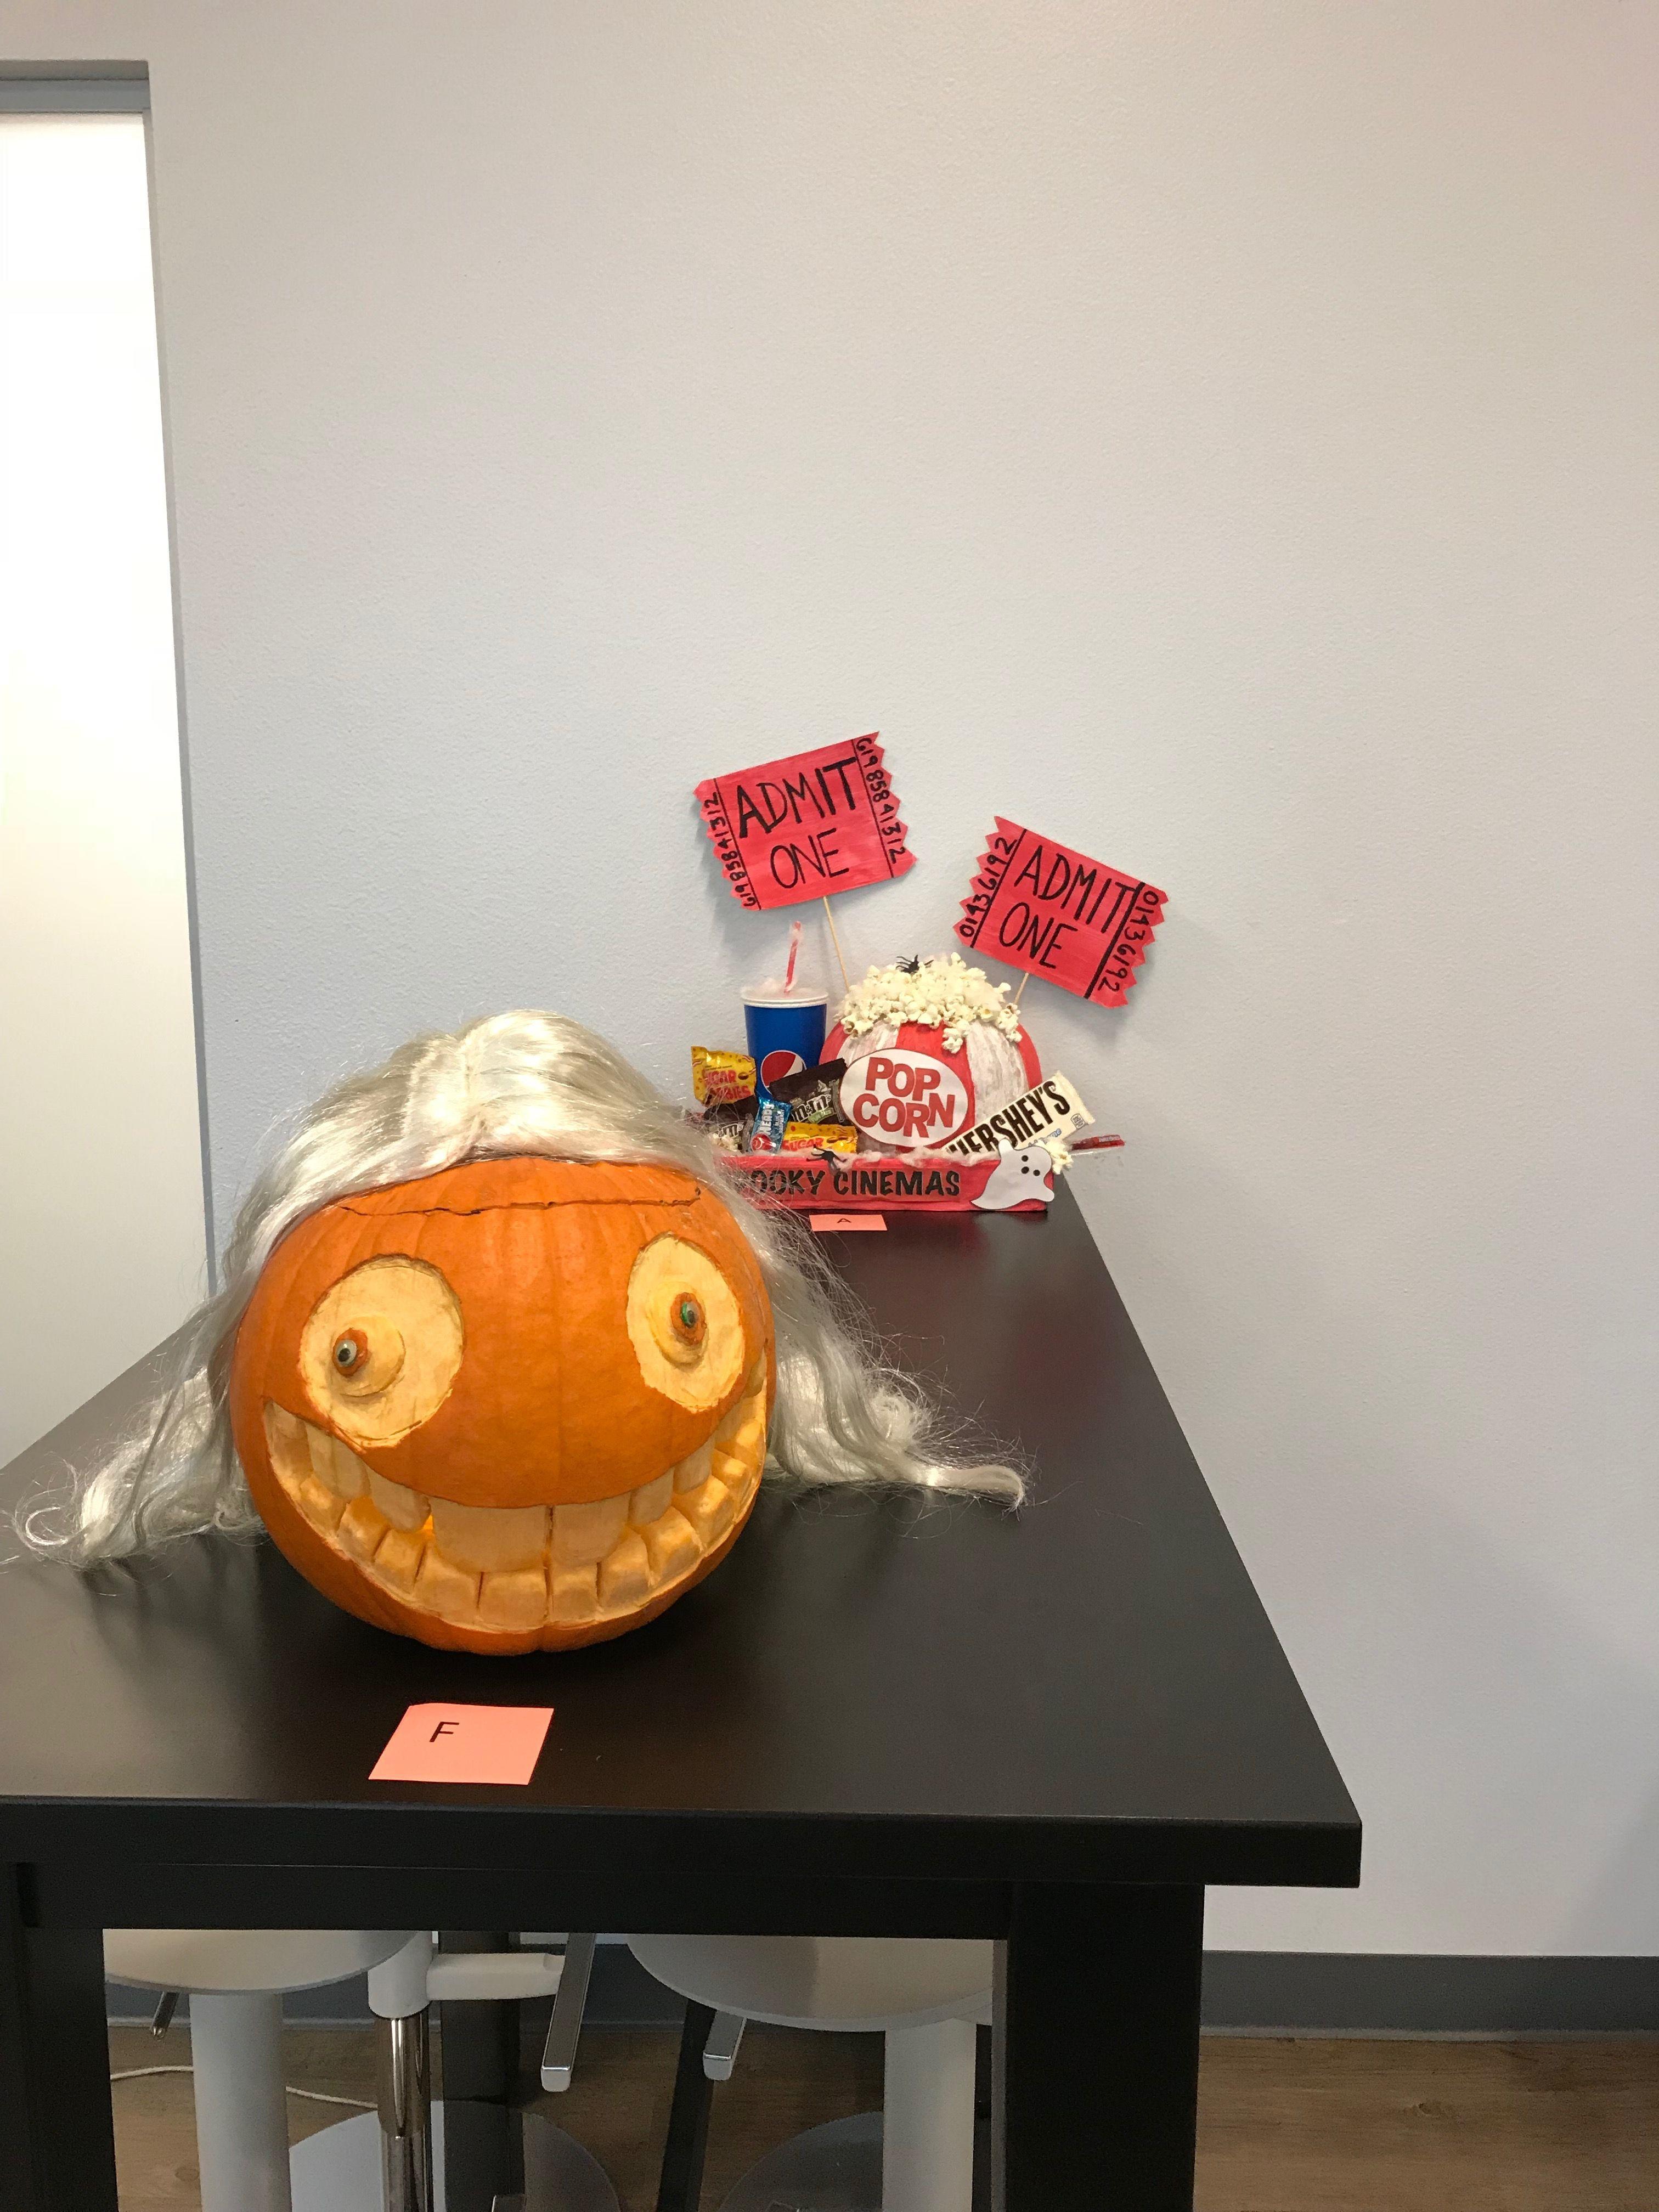 Pin by Patrece James on Holloweeeen pumpkins Pinterest - cute homemade halloween decorations